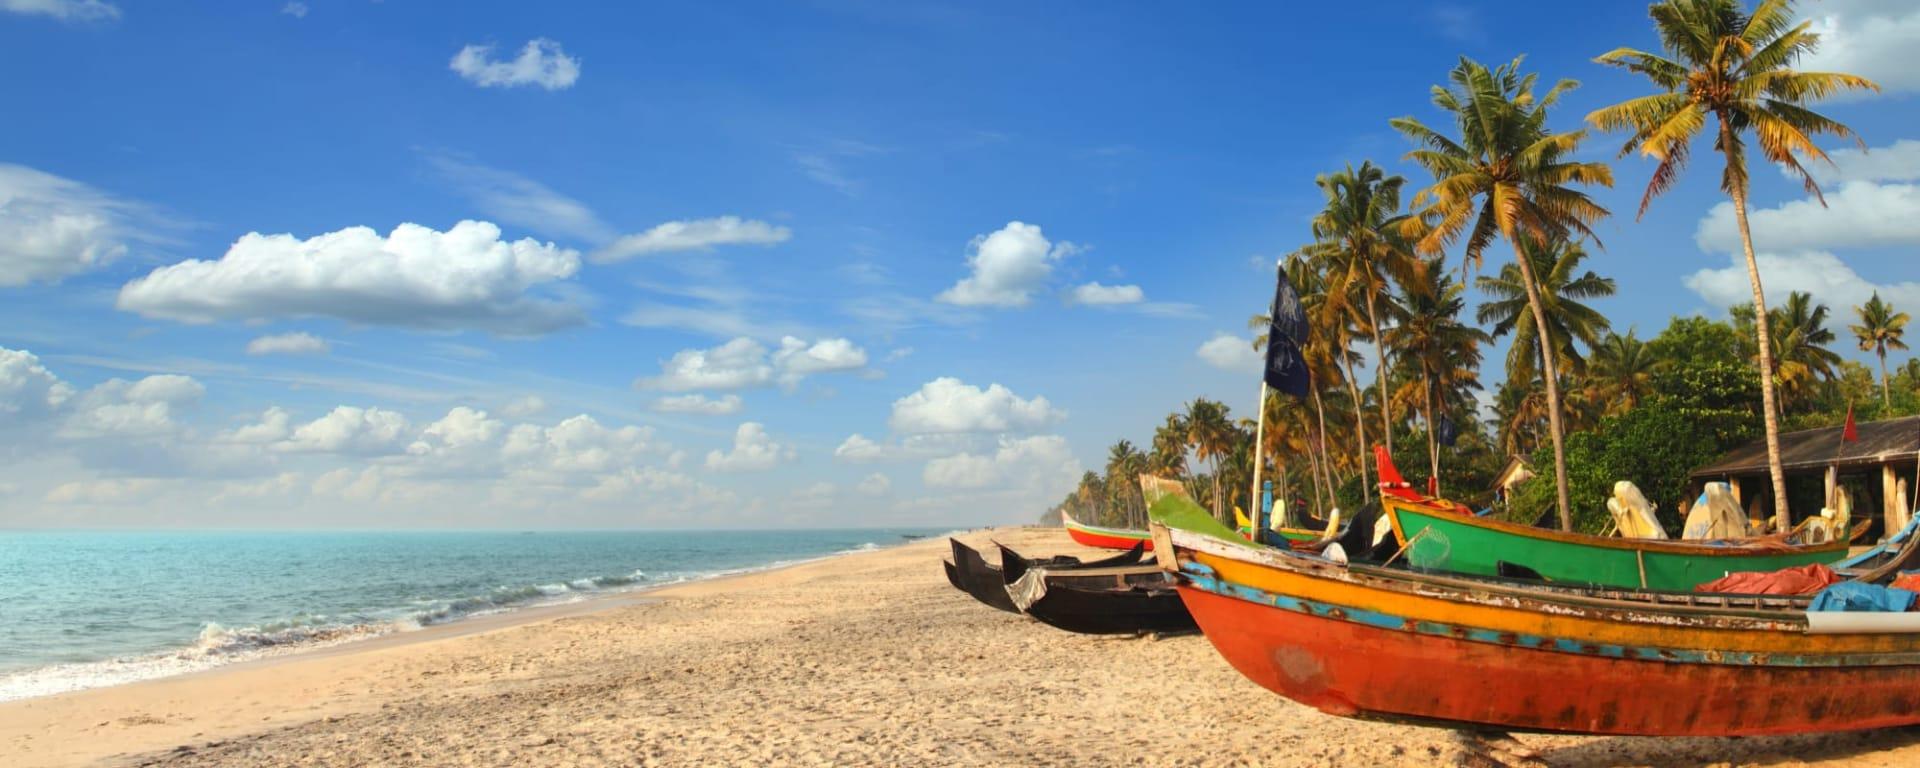 Indien entdecken mit Tischler Reisen: Indien Goa Strand Fischerboote